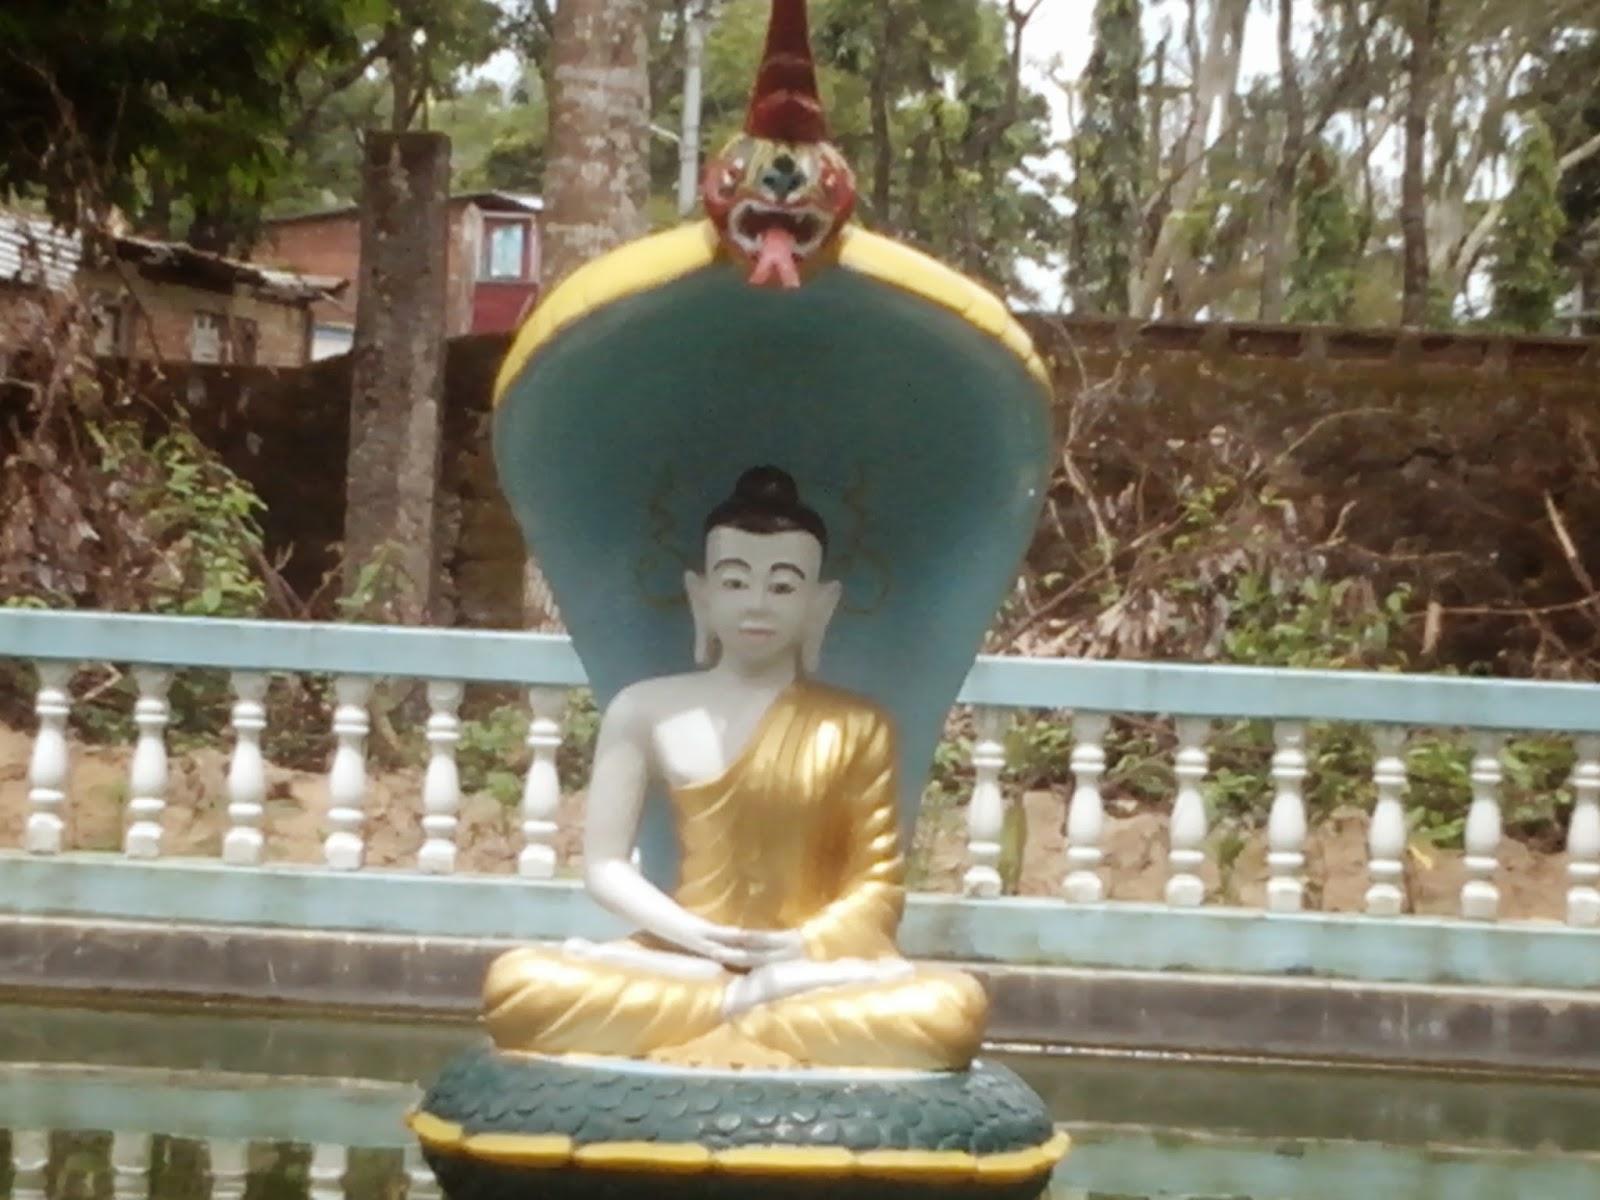 http://meditationuk.blogspot.com/2014/06/seven-chakras-from-chakra-meditation.html